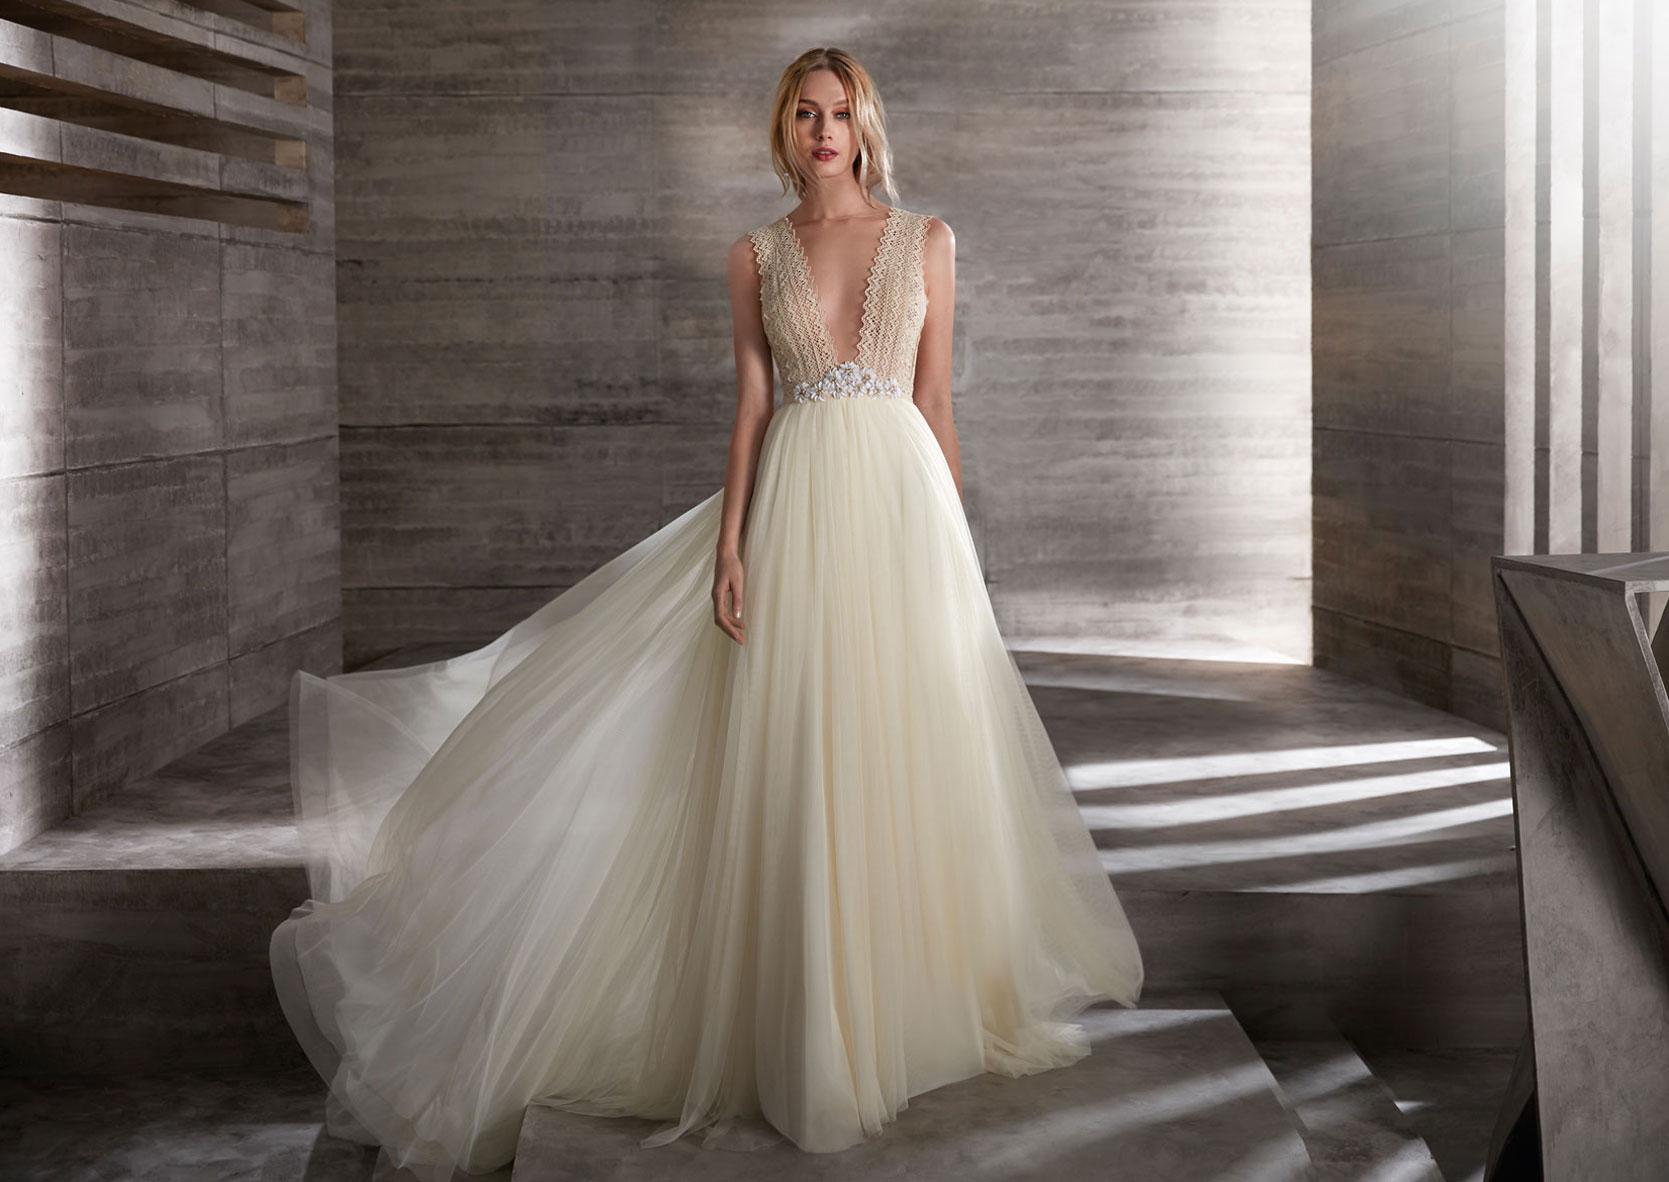 Brautkleider_Prinzessin_mit_Glitzer-Hochzeitskleid_mit_Spitze